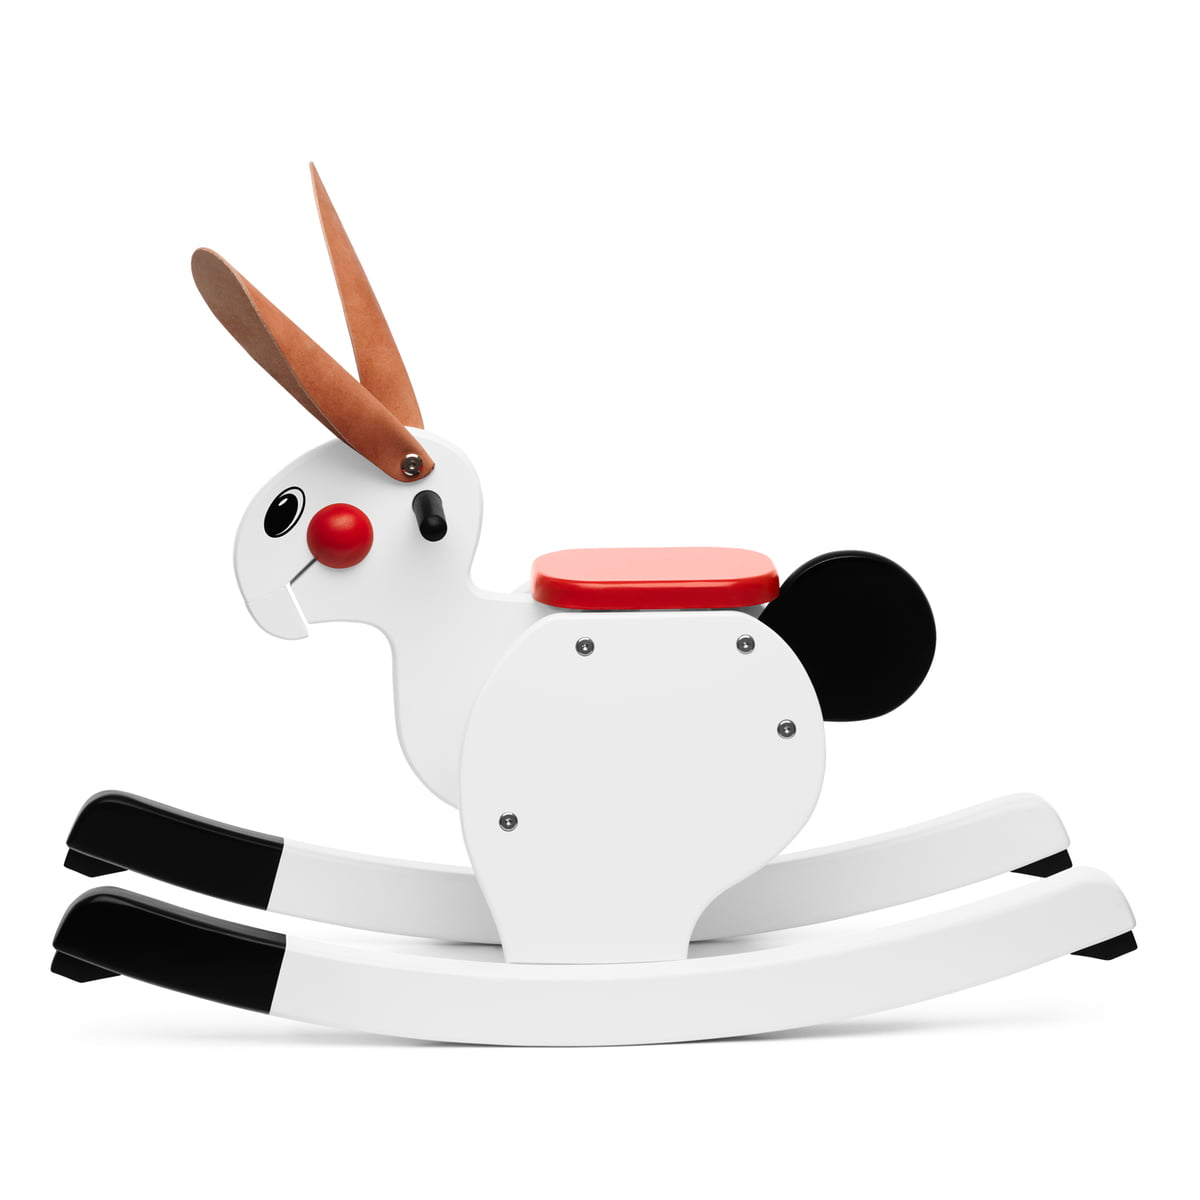 rocking rabbit playsam shop. Black Bedroom Furniture Sets. Home Design Ideas